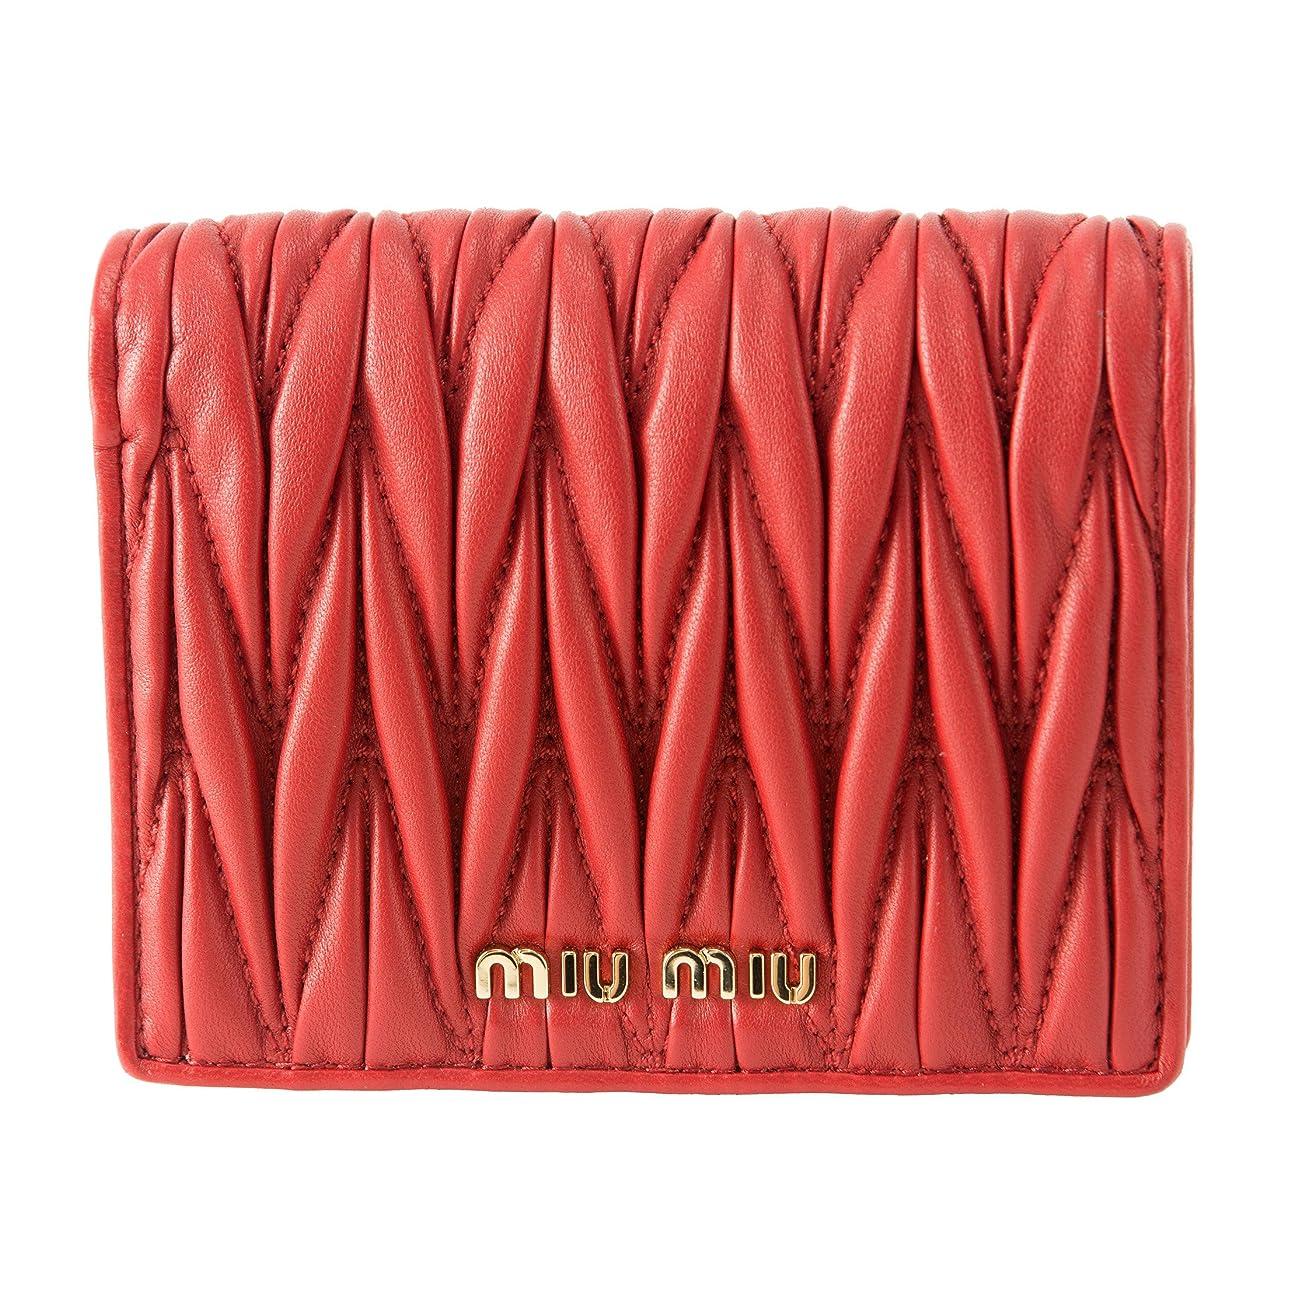 化粧礼儀シャンプーミュウミュウ(MIU MIU) 2つ折り財布 5MV204 N88 F068Z マテラッセ レッド 赤 [並行輸入品]